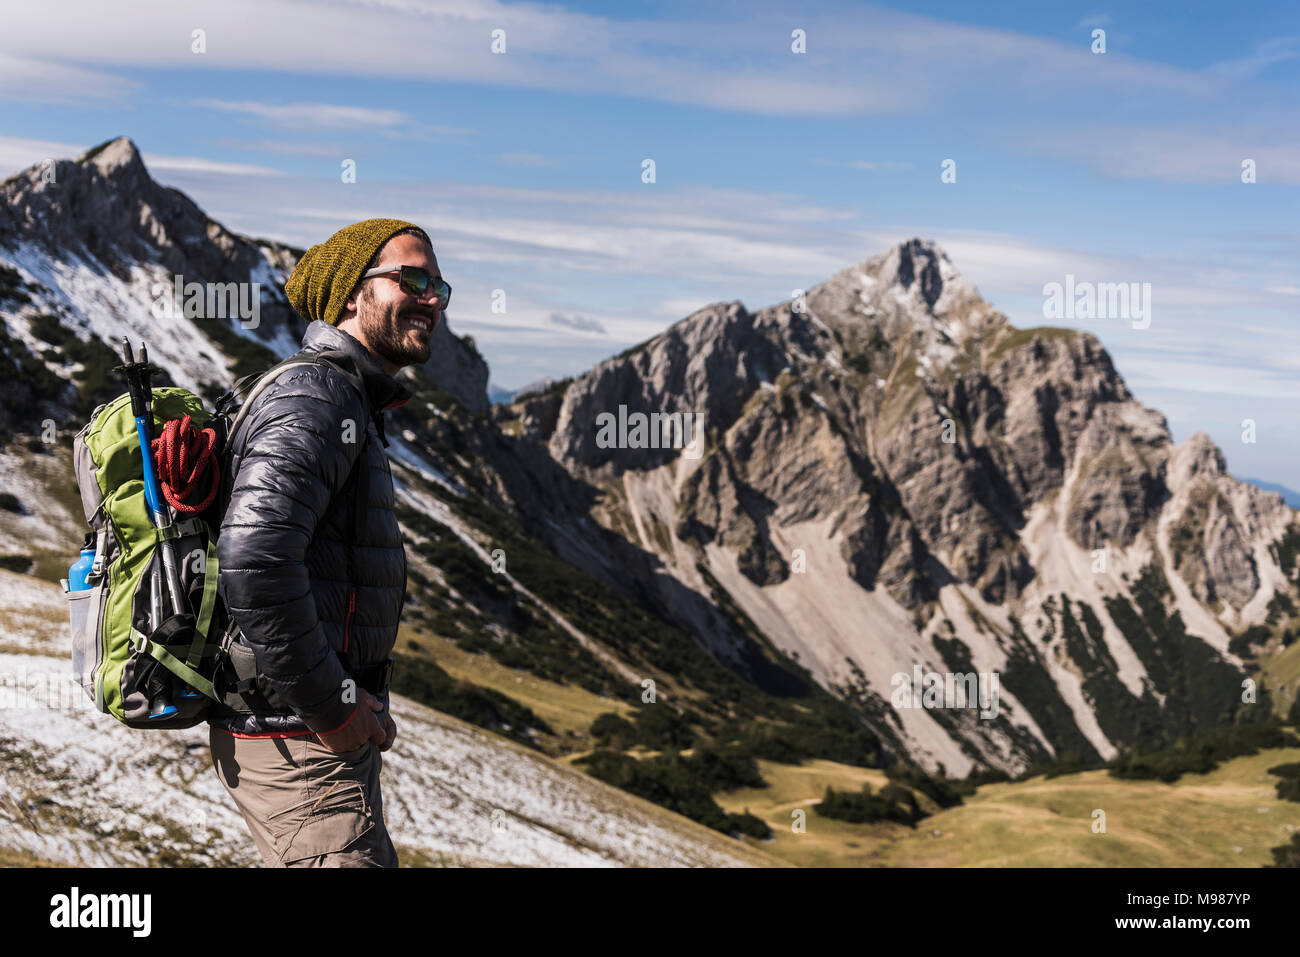 Autriche, Tyrol, smiling young man en randonnée dans les montagnes Photo Stock